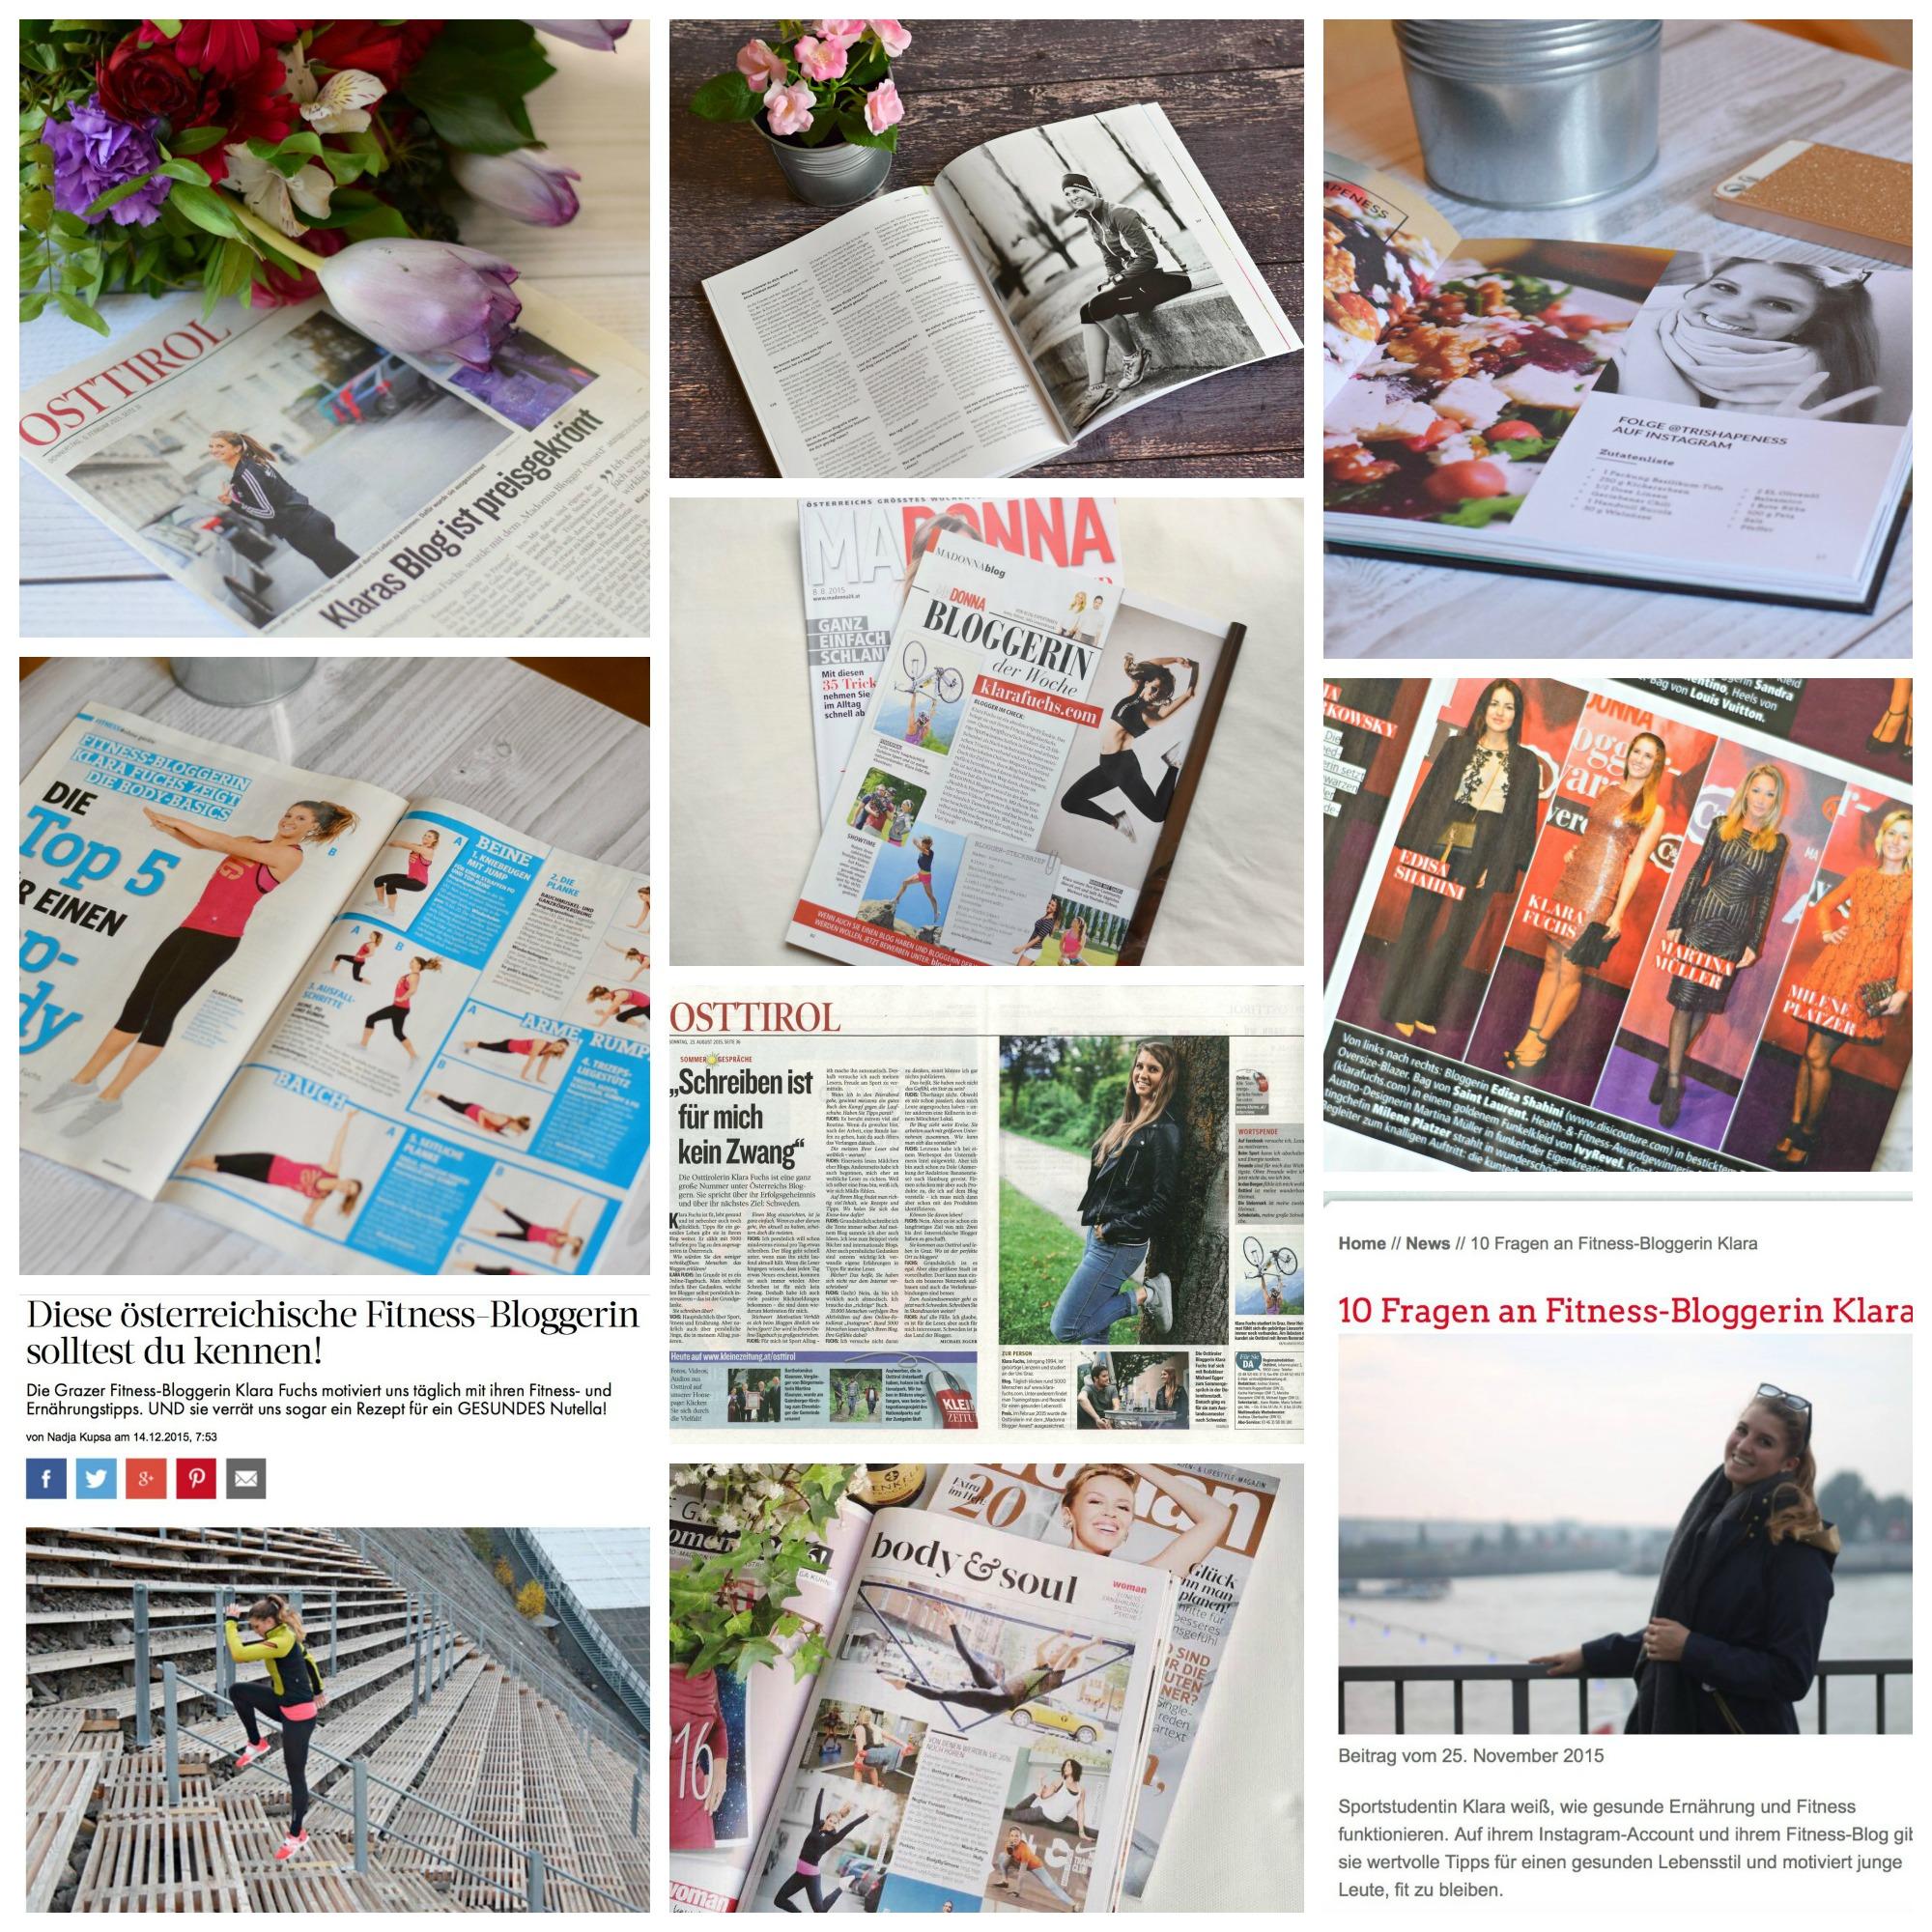 Fitnessblog-österreich-deutschland-klara-fuchs-medien-media-preisgekrönt-blogger-österreich-blog-graz